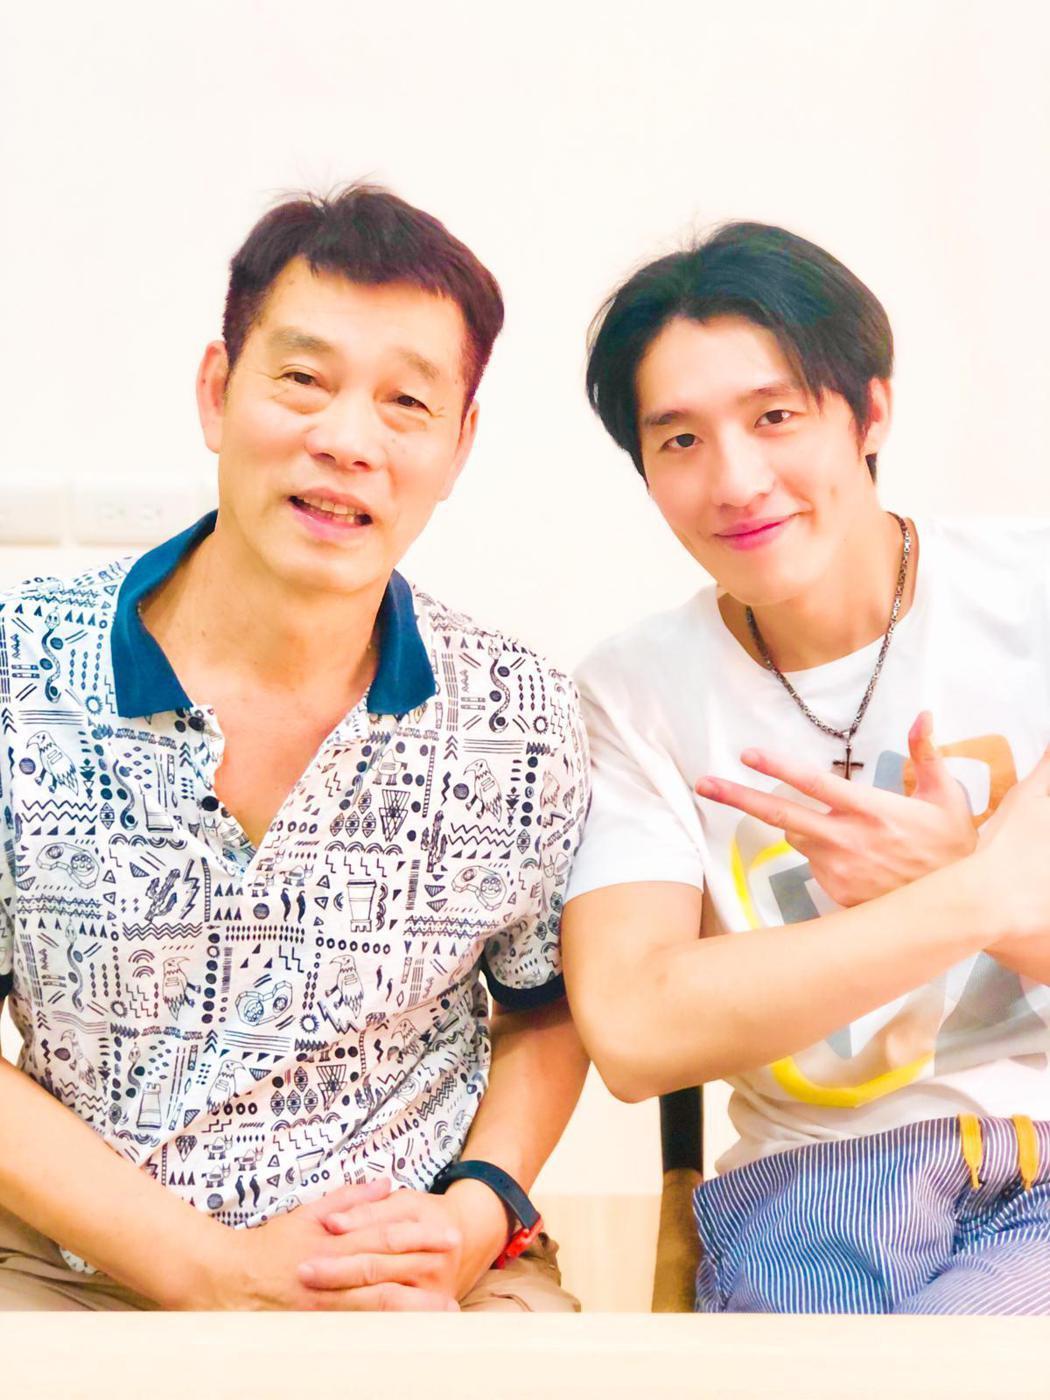 黃昺翔(右)跟爸爸私下互動常常虧來虧去。圖/無限美好文創娛樂提供